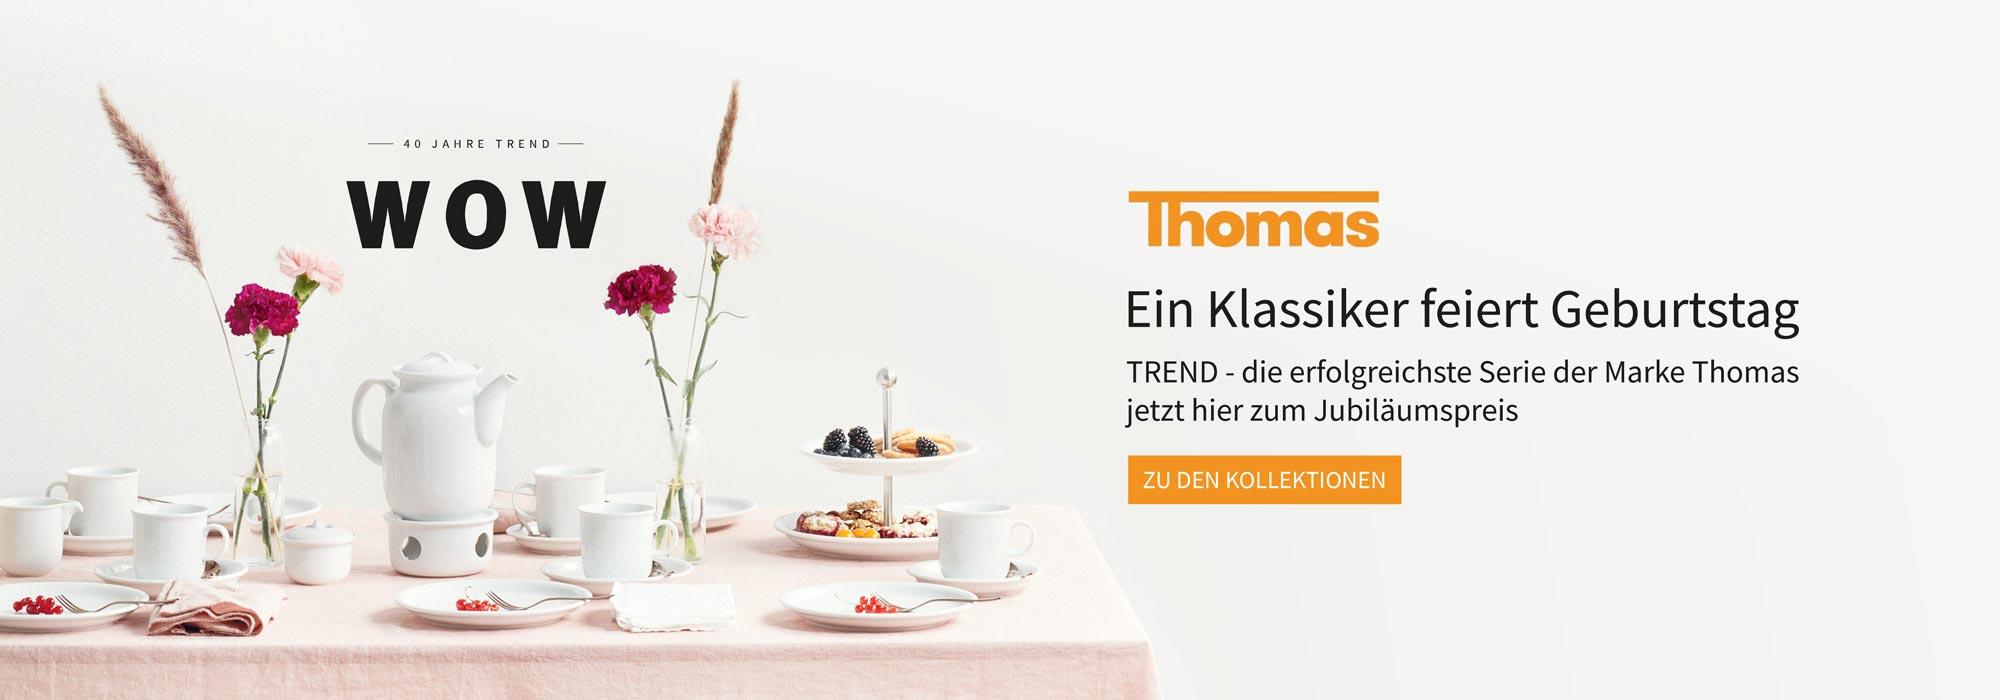 Thomas Trend